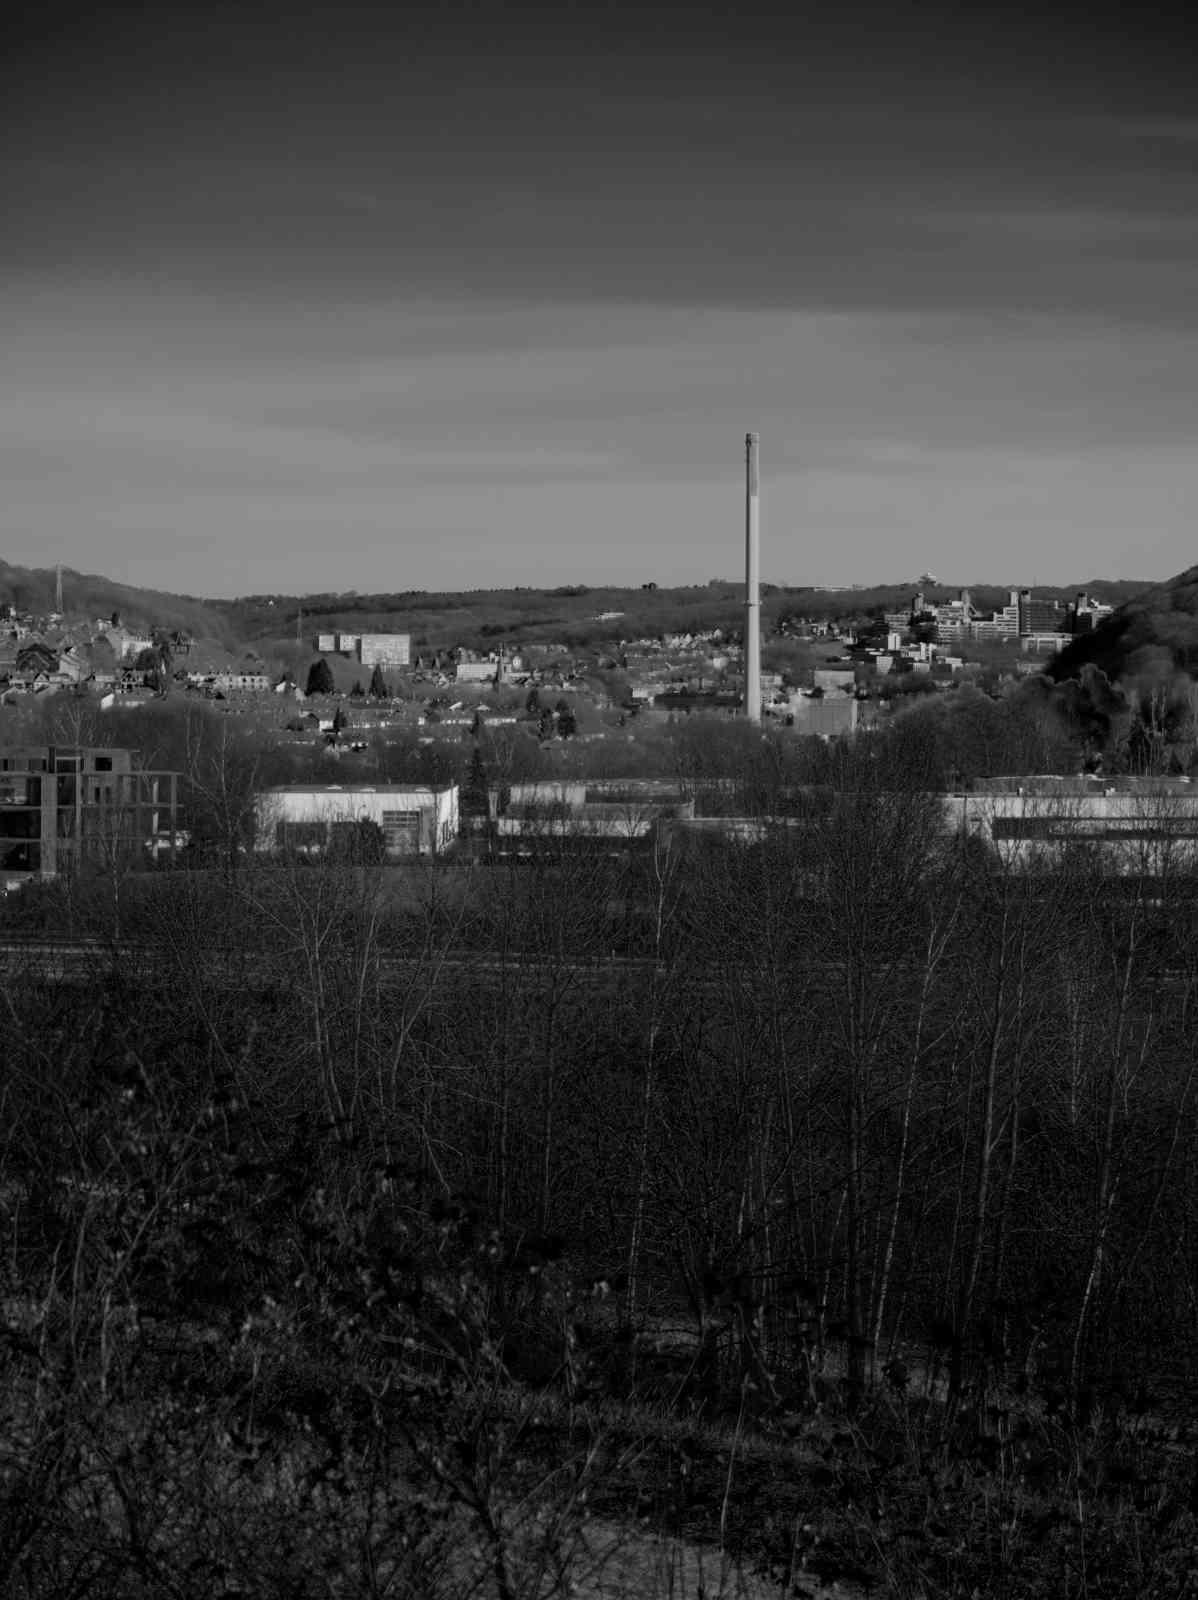 Der Große Schornstein, Wuppertal 04